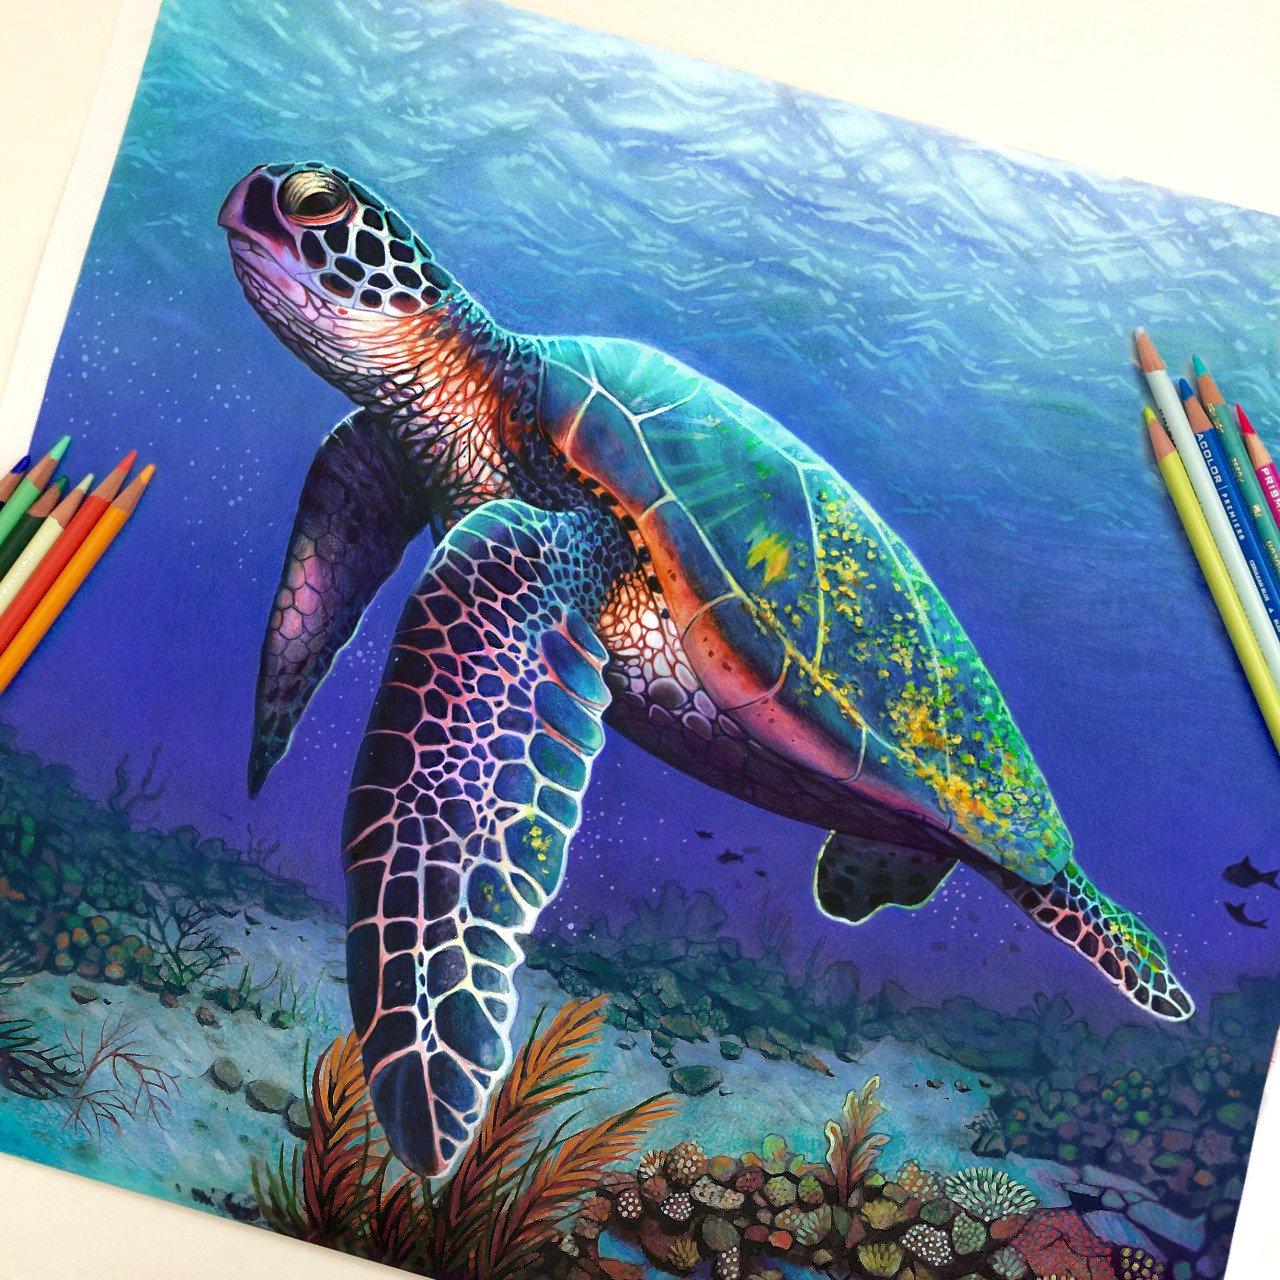 Ilustracoes realistas feitas apenas com lapis de cor (11)